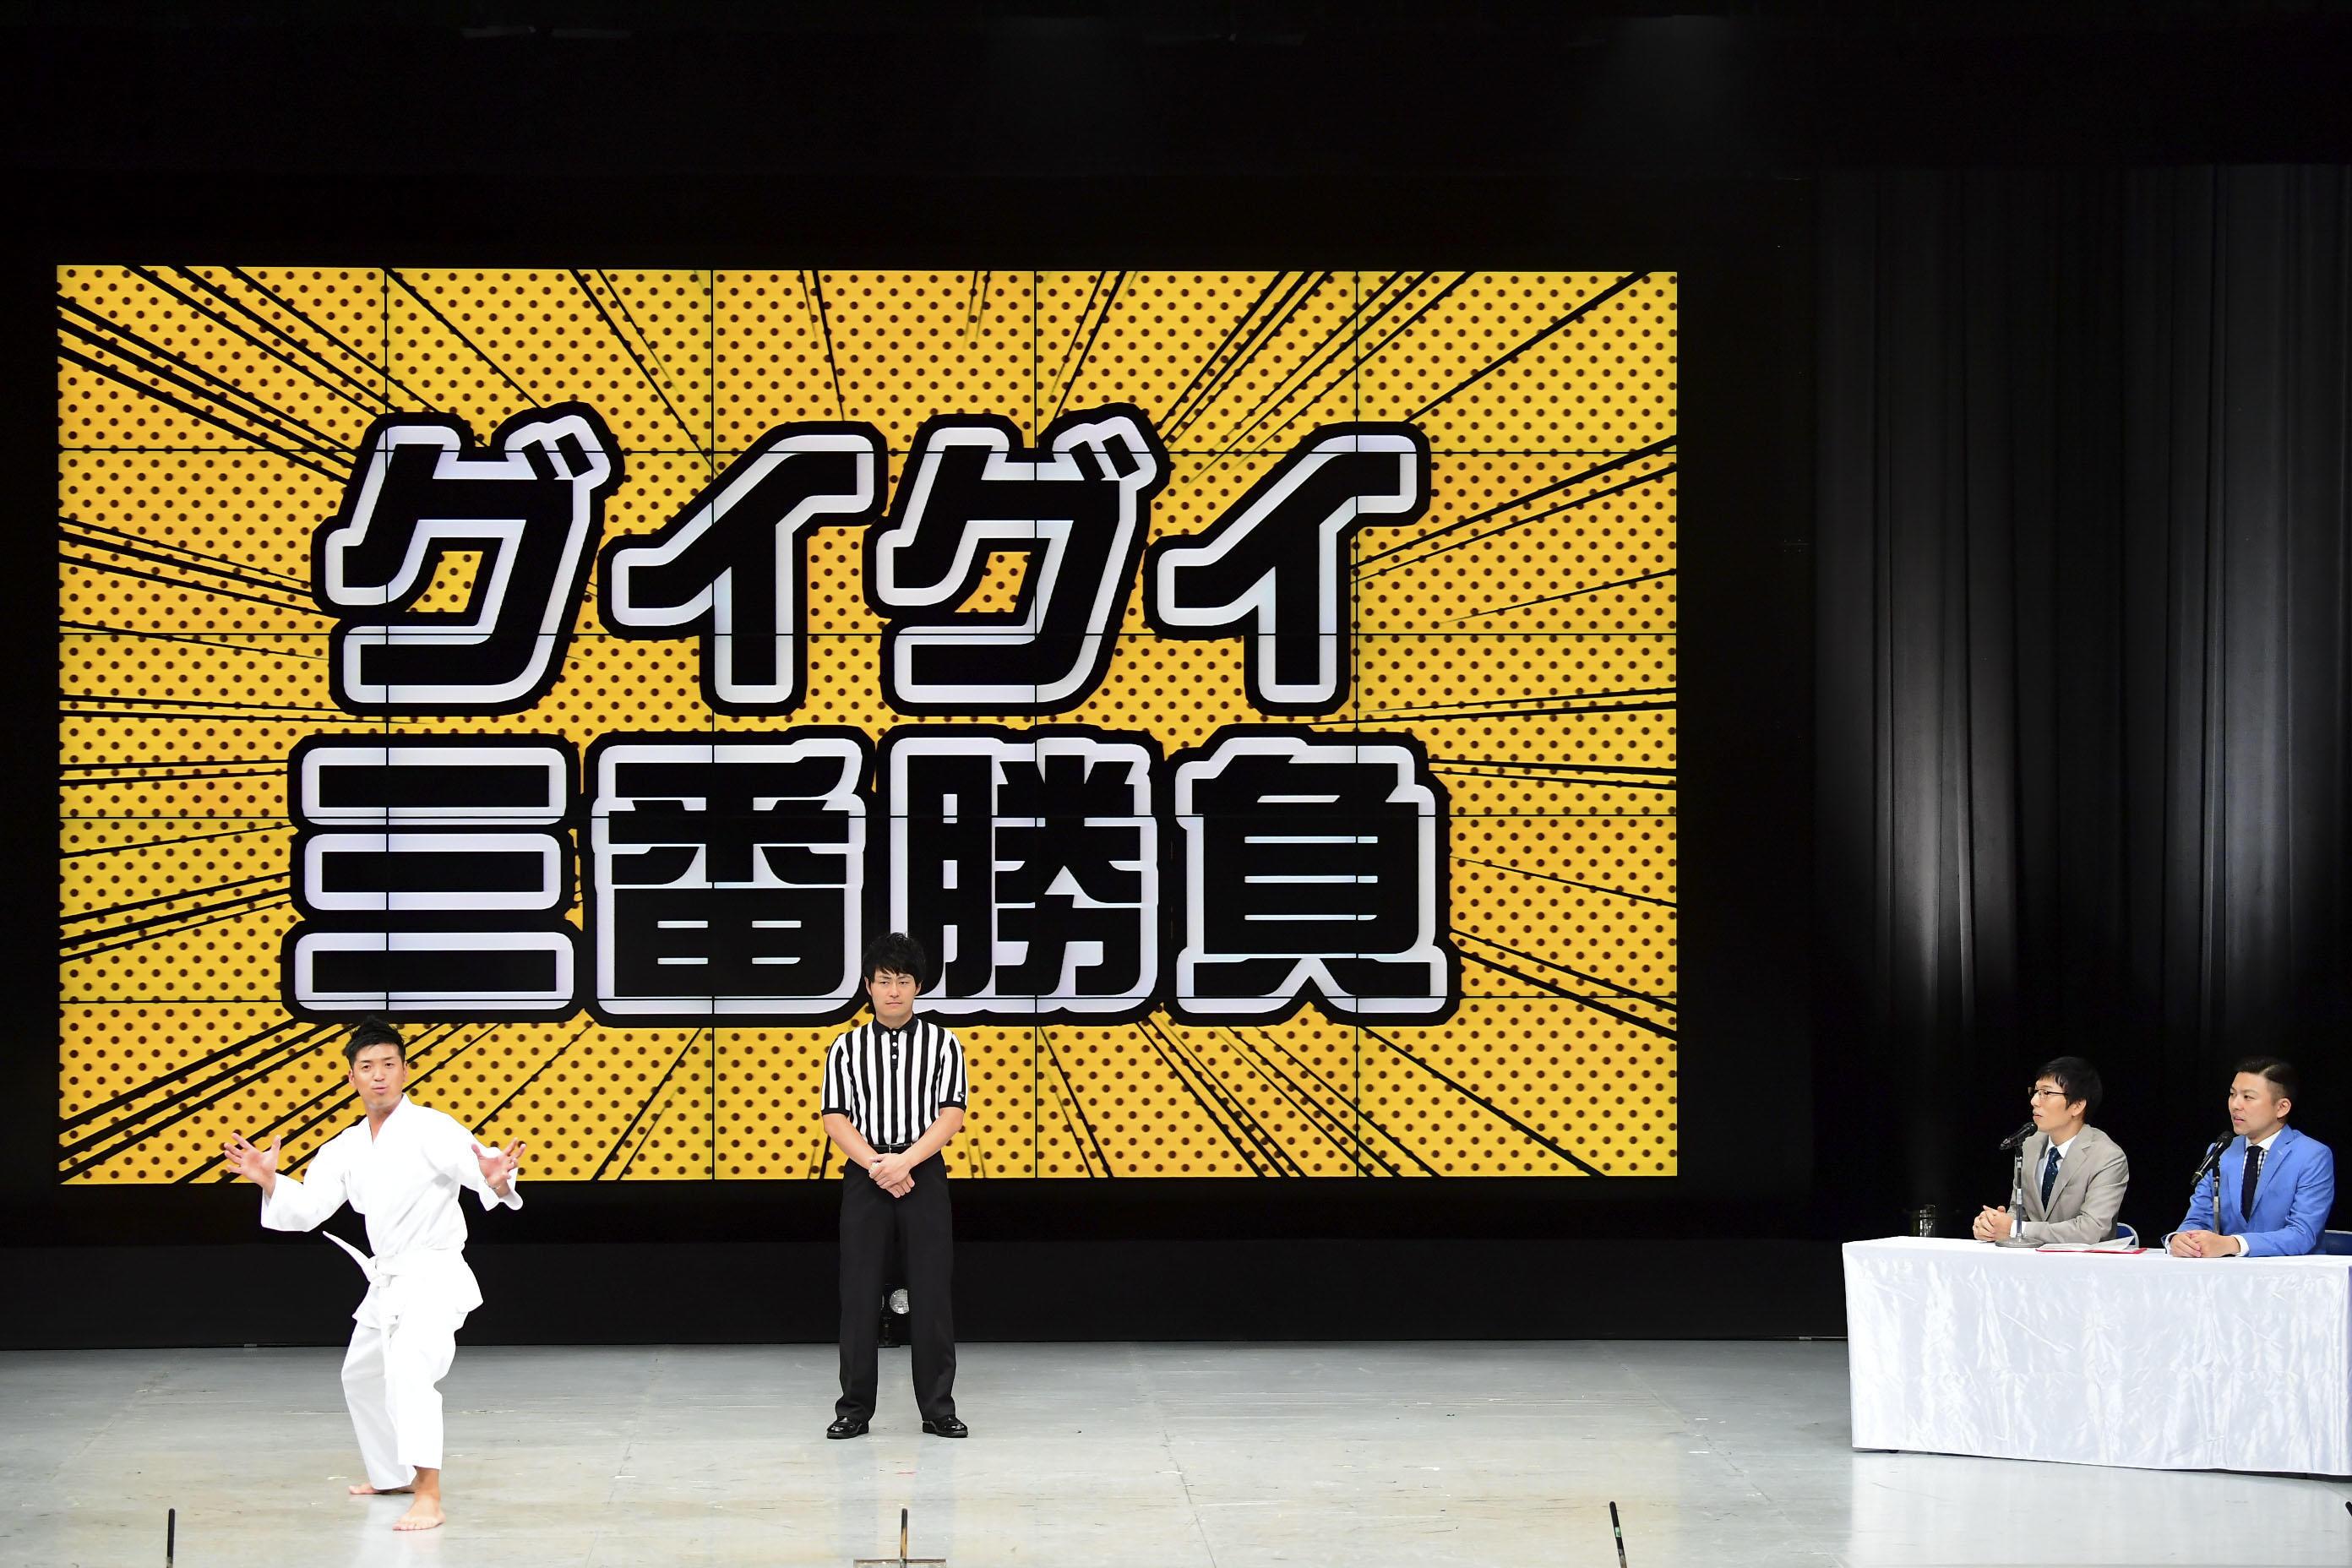 http://news.yoshimoto.co.jp/20170909190824-cbd43b33c6d9cafad753f19d30c2743296a5e1bf.jpg